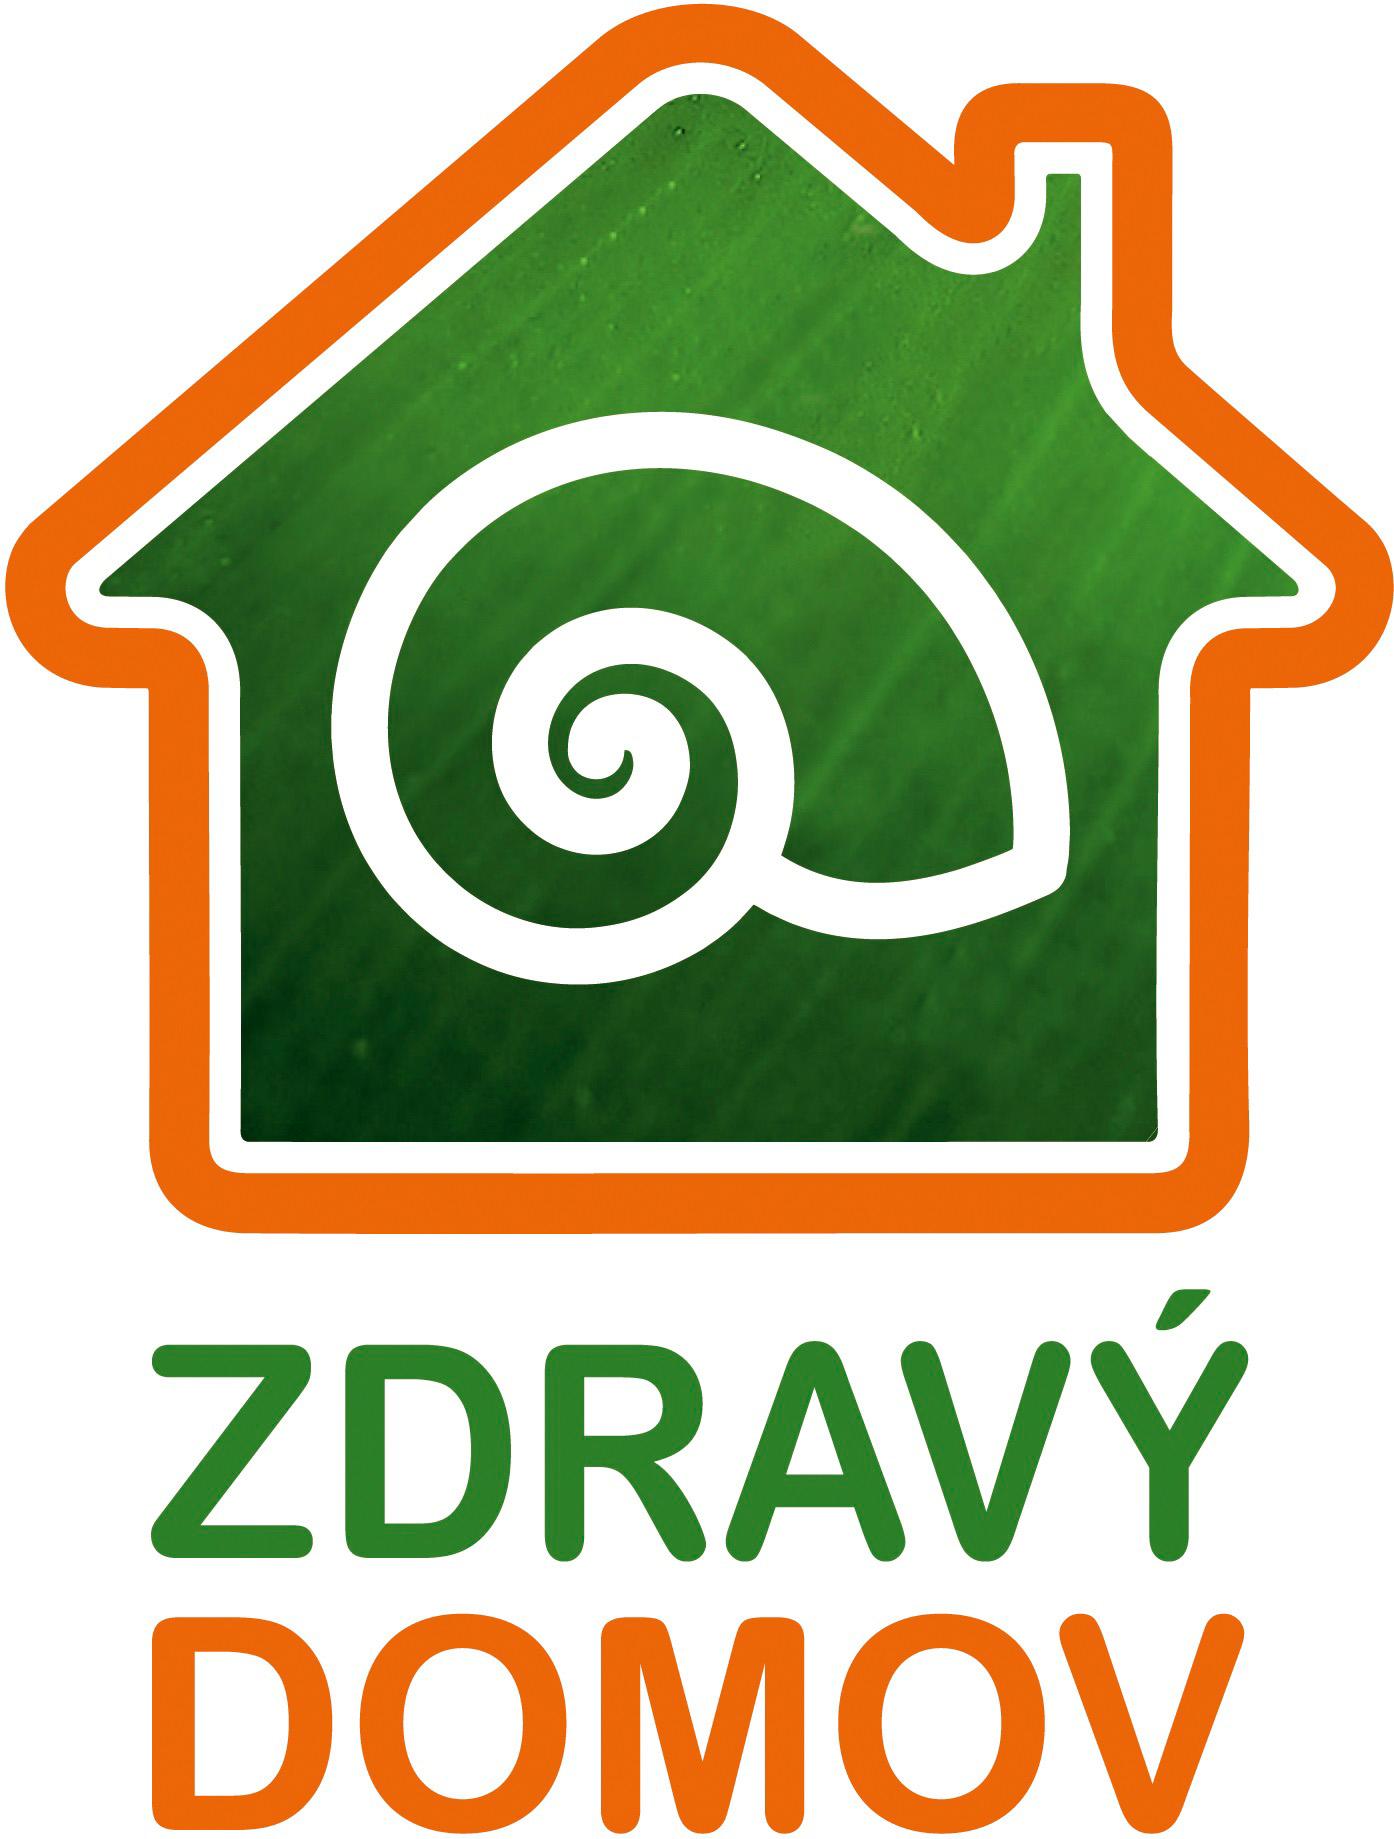 logo Zdravy domov_svisly obrazek m